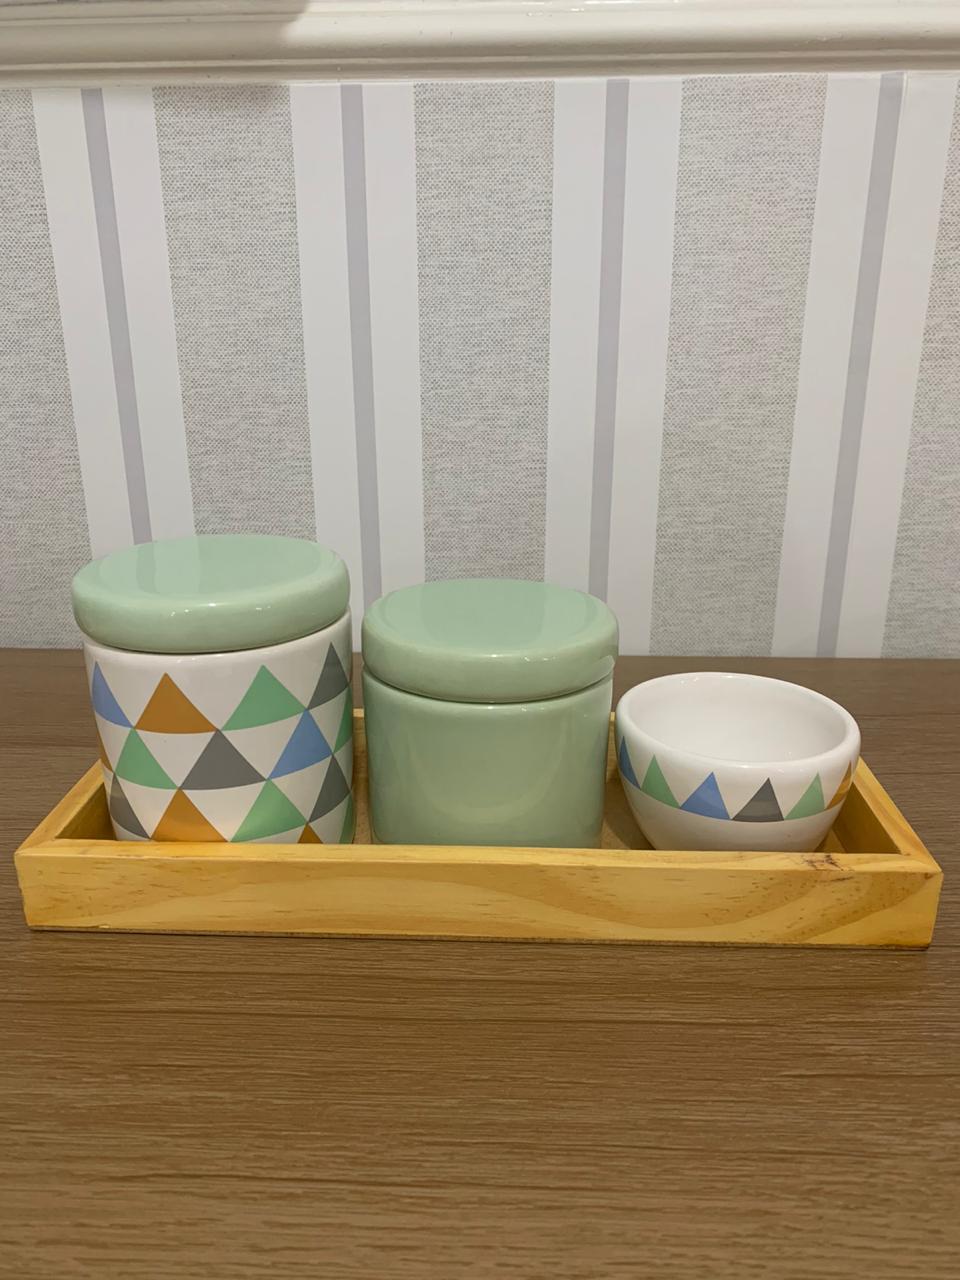 Kit Higiene 4 peças Coleção Triangulo Verde Bandeja Pinus